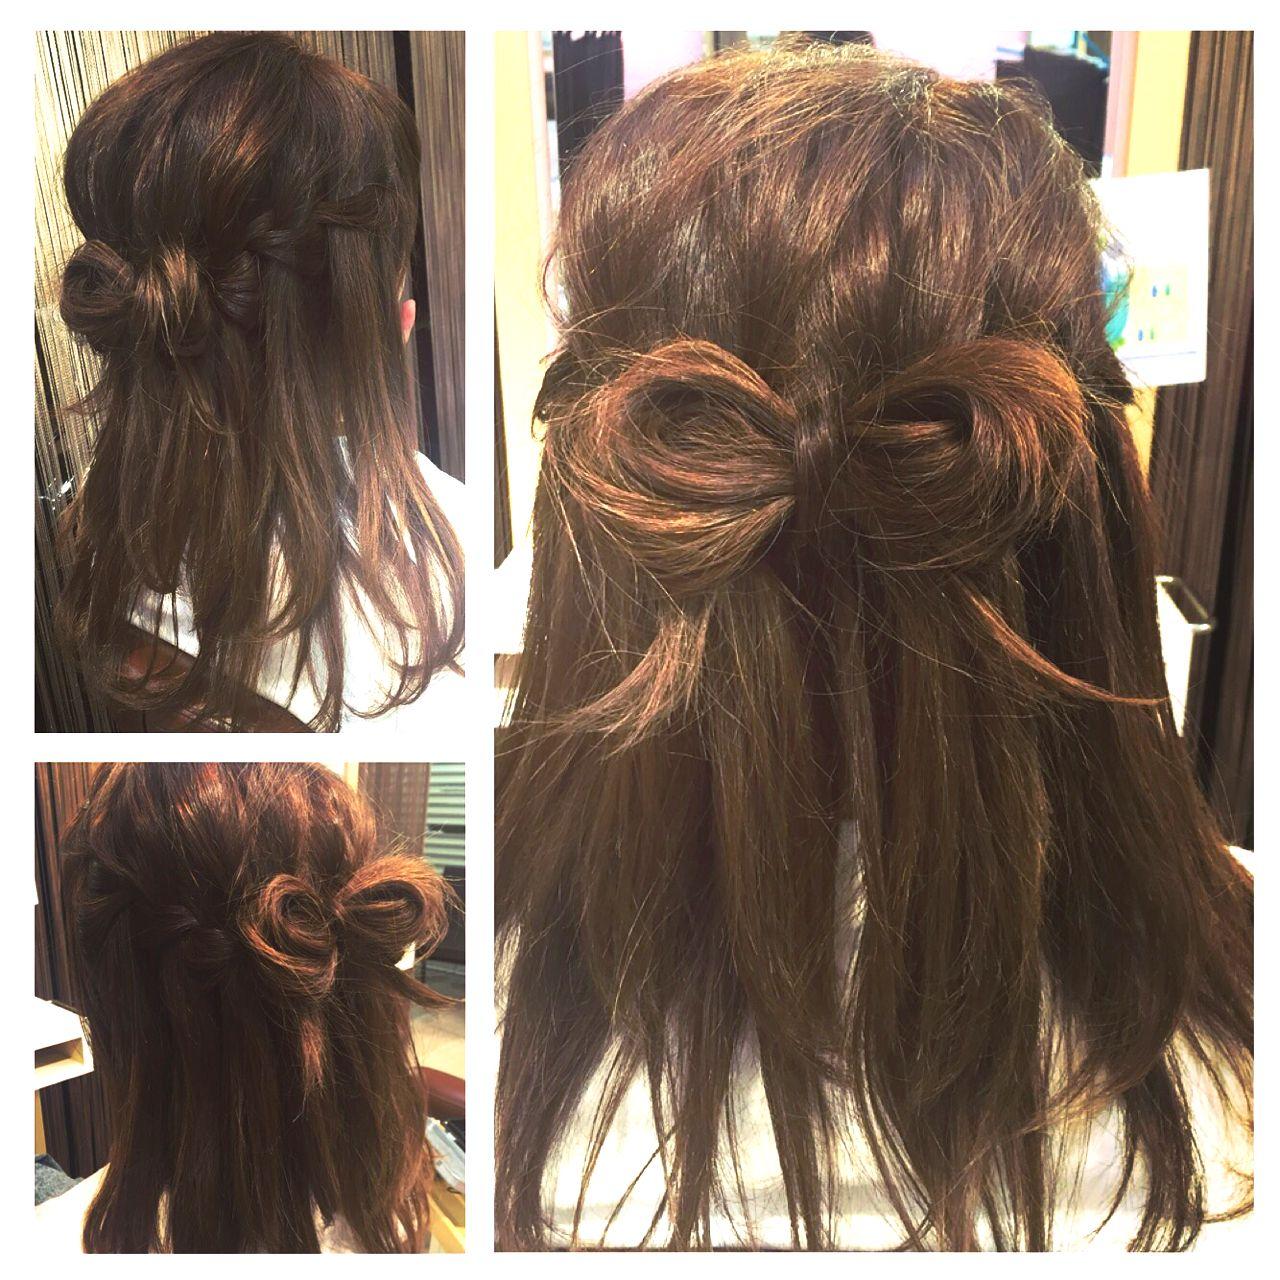 ハーフアップ 編み込み セミロング ヘアアレンジ ヘアスタイルや髪型の写真・画像